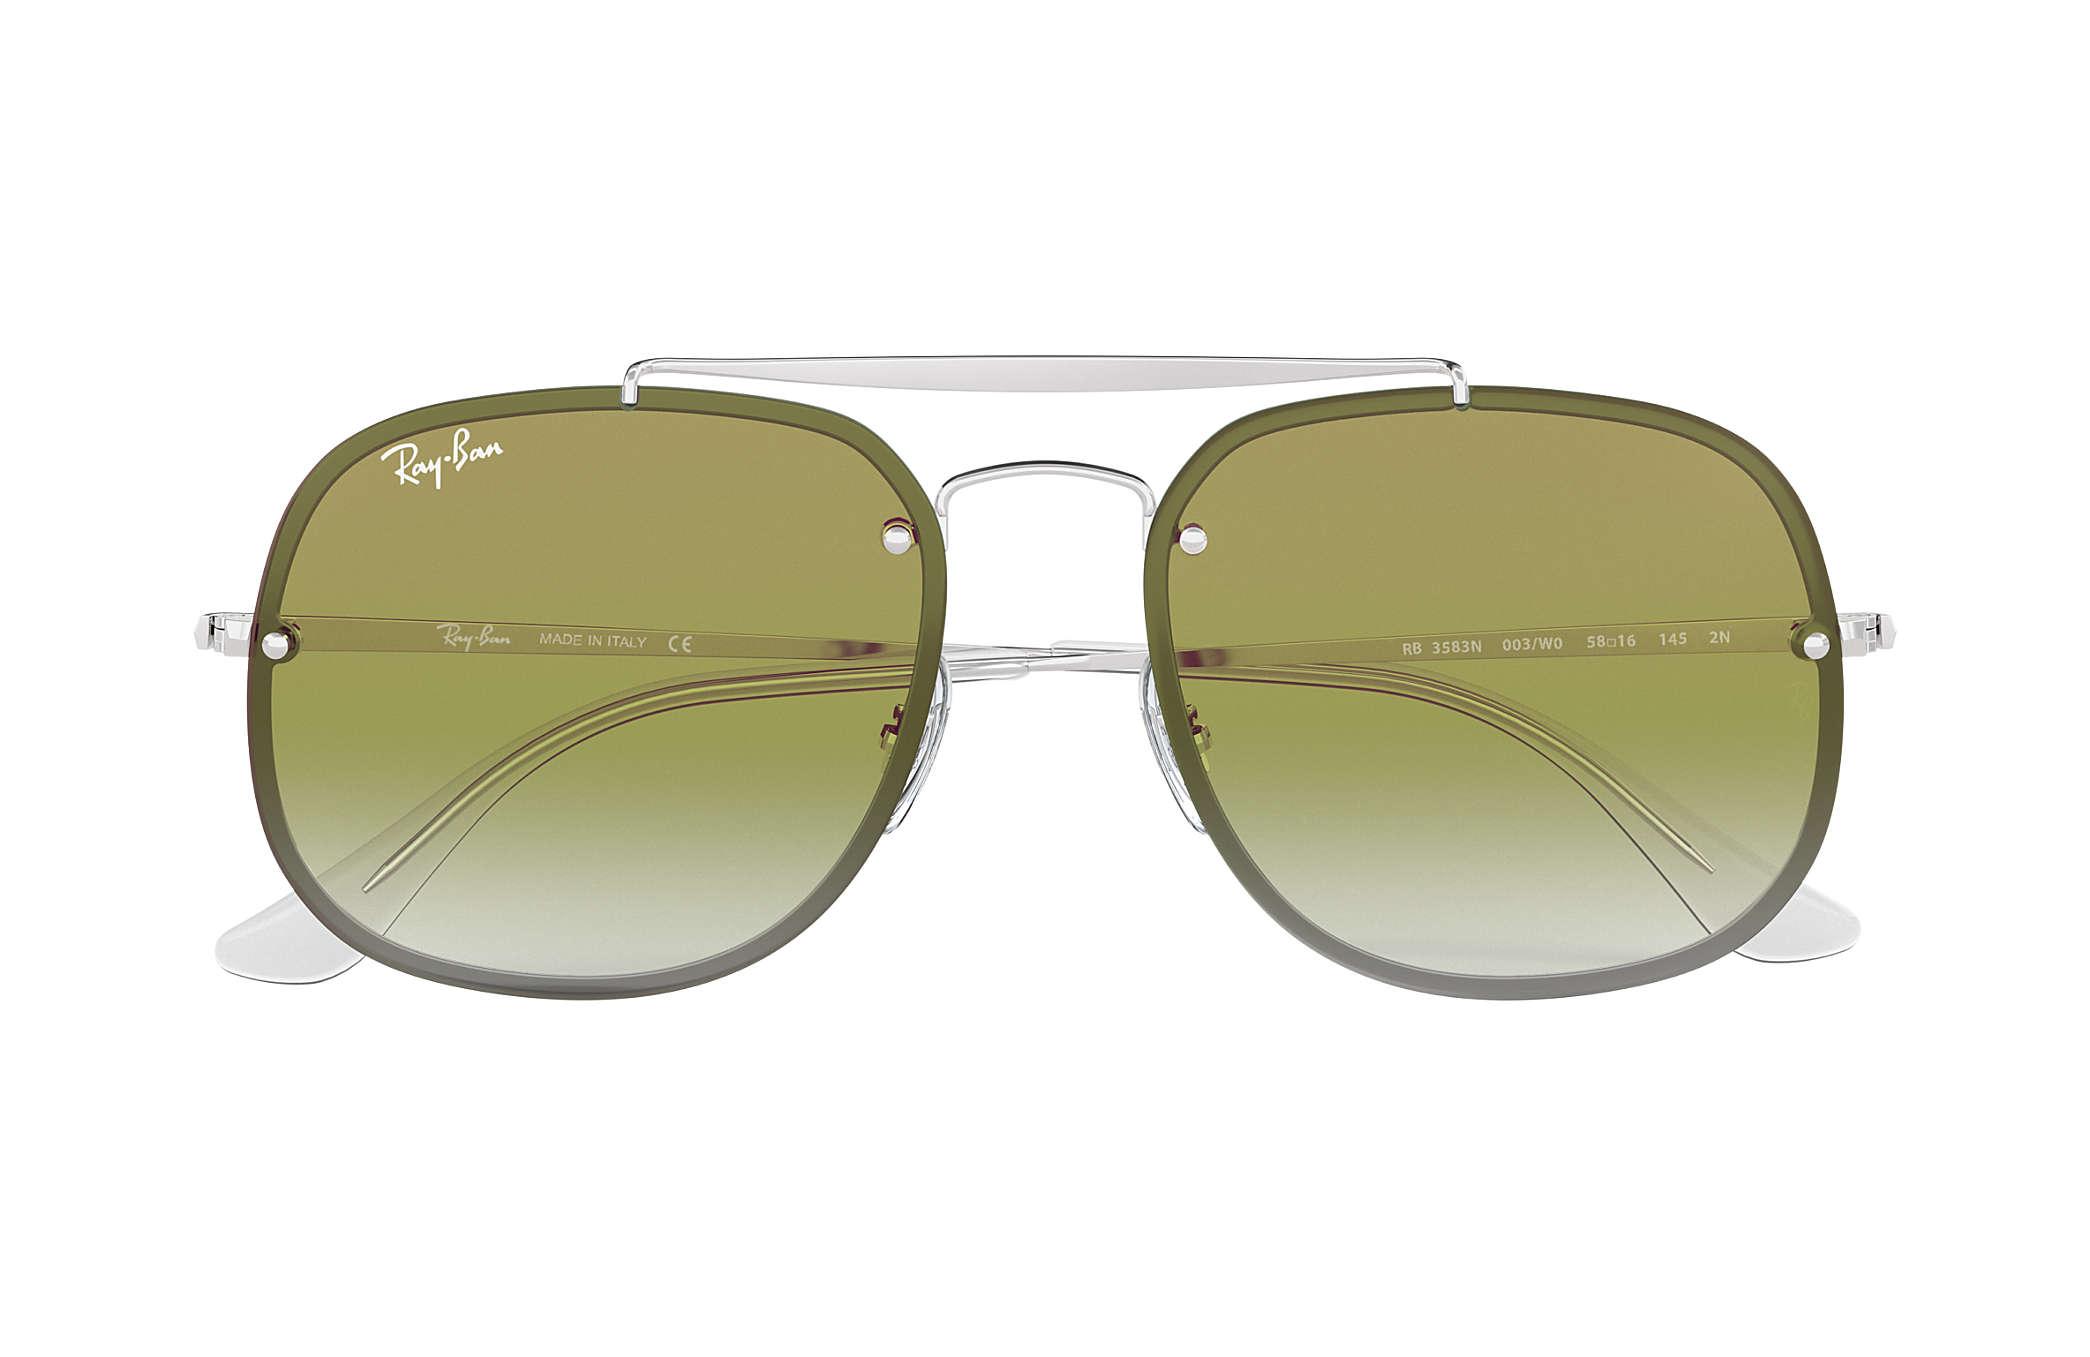 bd32641af0 Ray-Ban Blaze General RB3583N Silver - Steel - Green Lenses ...